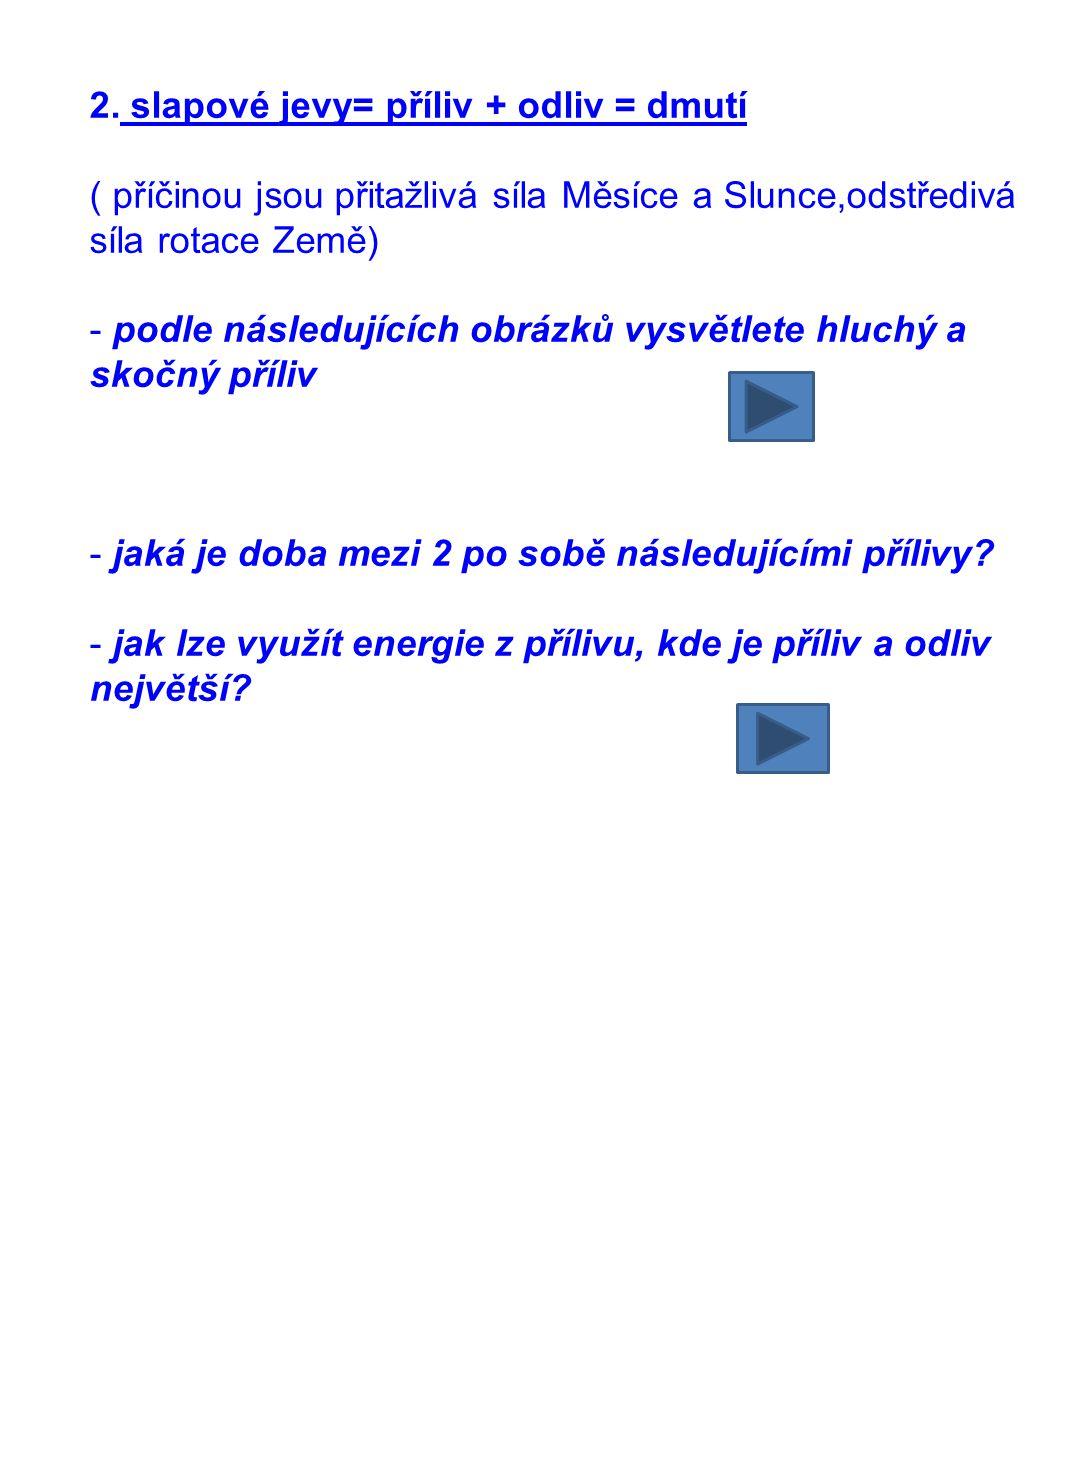 http://www.ucivo.wz.cz/Dmuti.gif